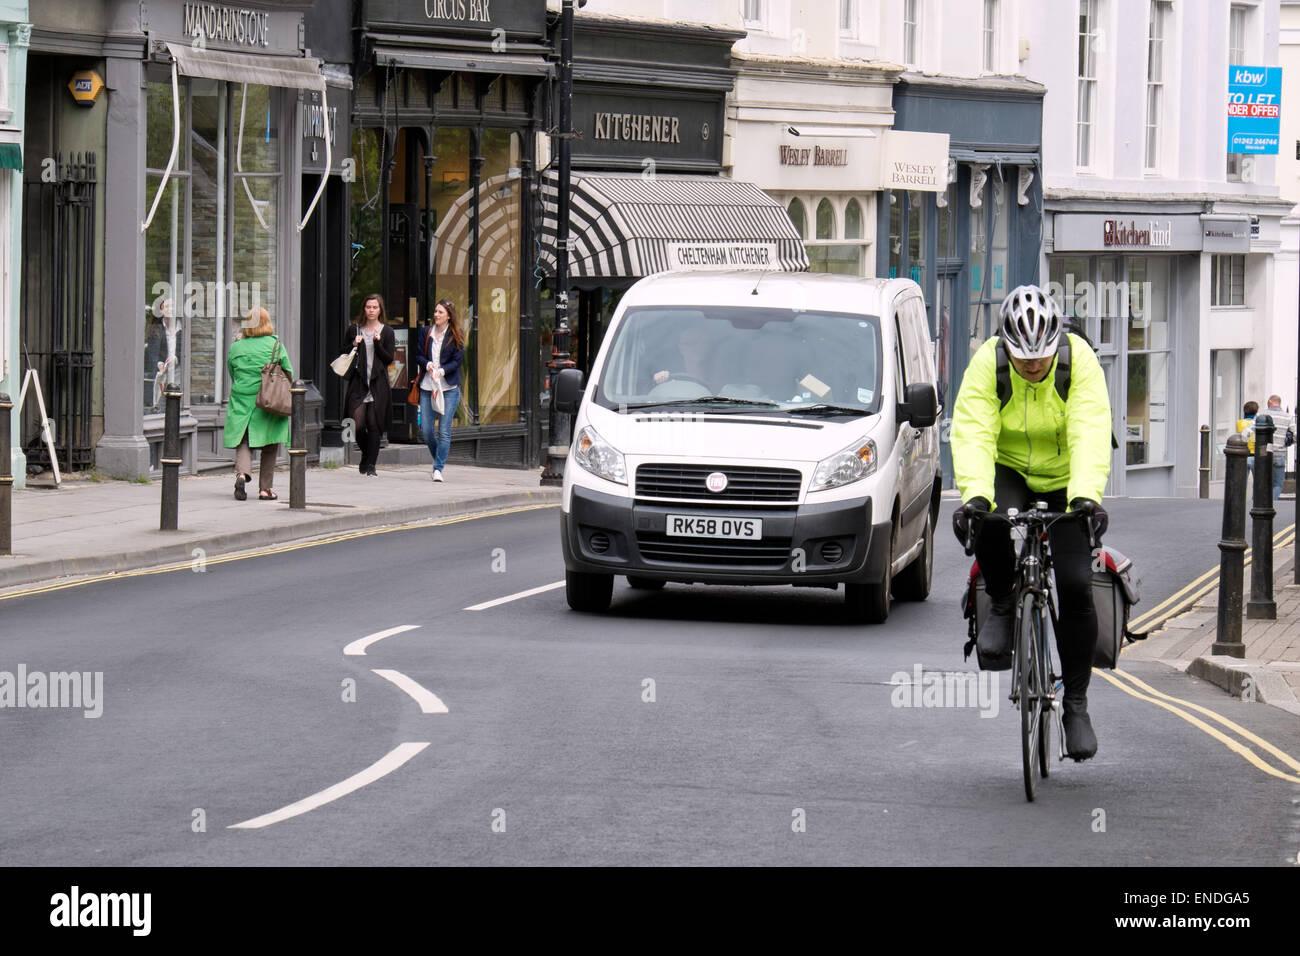 Un van superando un ciclista vistiendo ropa de seguridad en una calle de compras en Montpellier, Cheltenham, UK Imagen De Stock